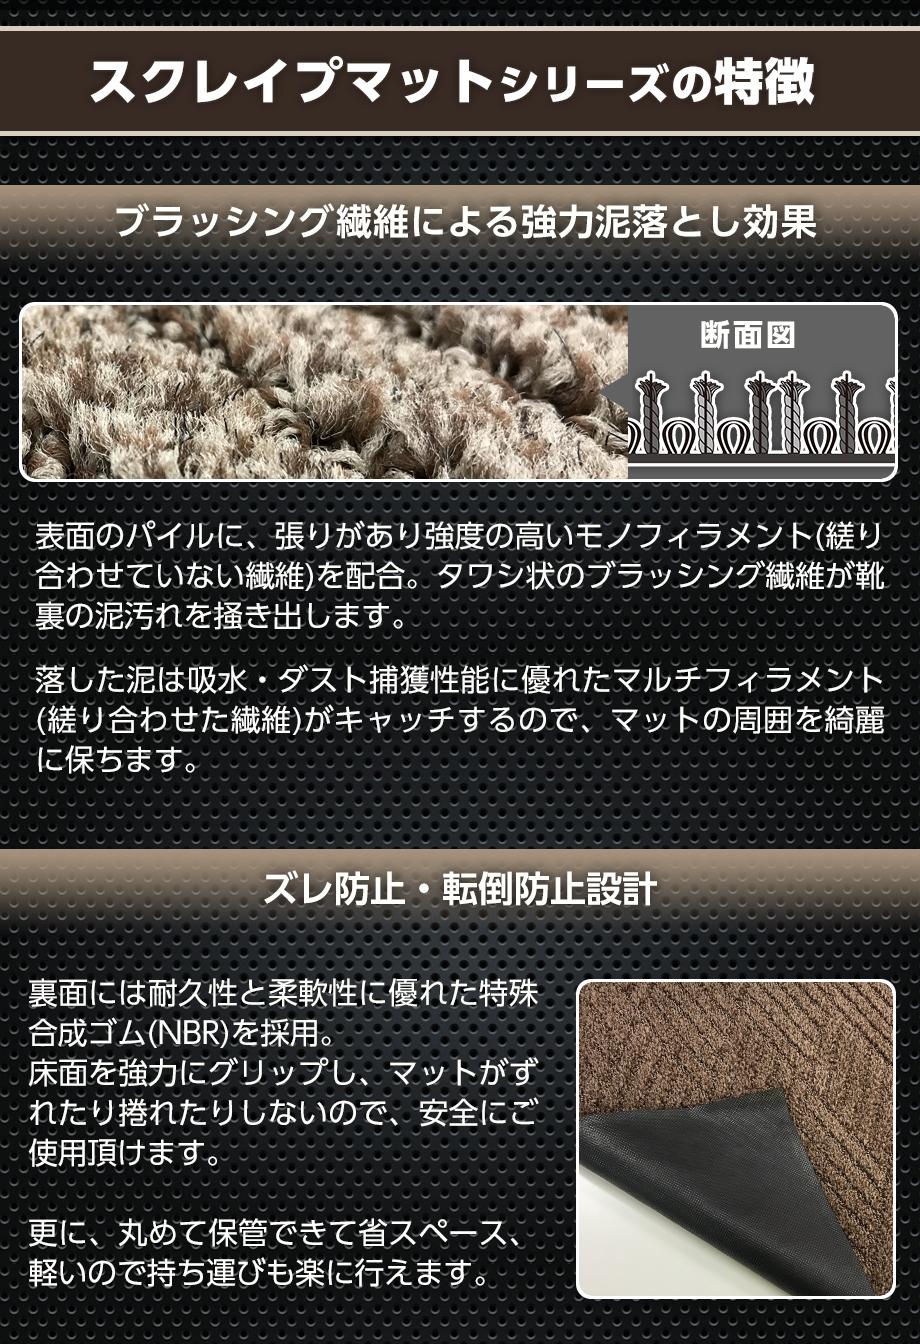 スクレイプシリーズの特徴